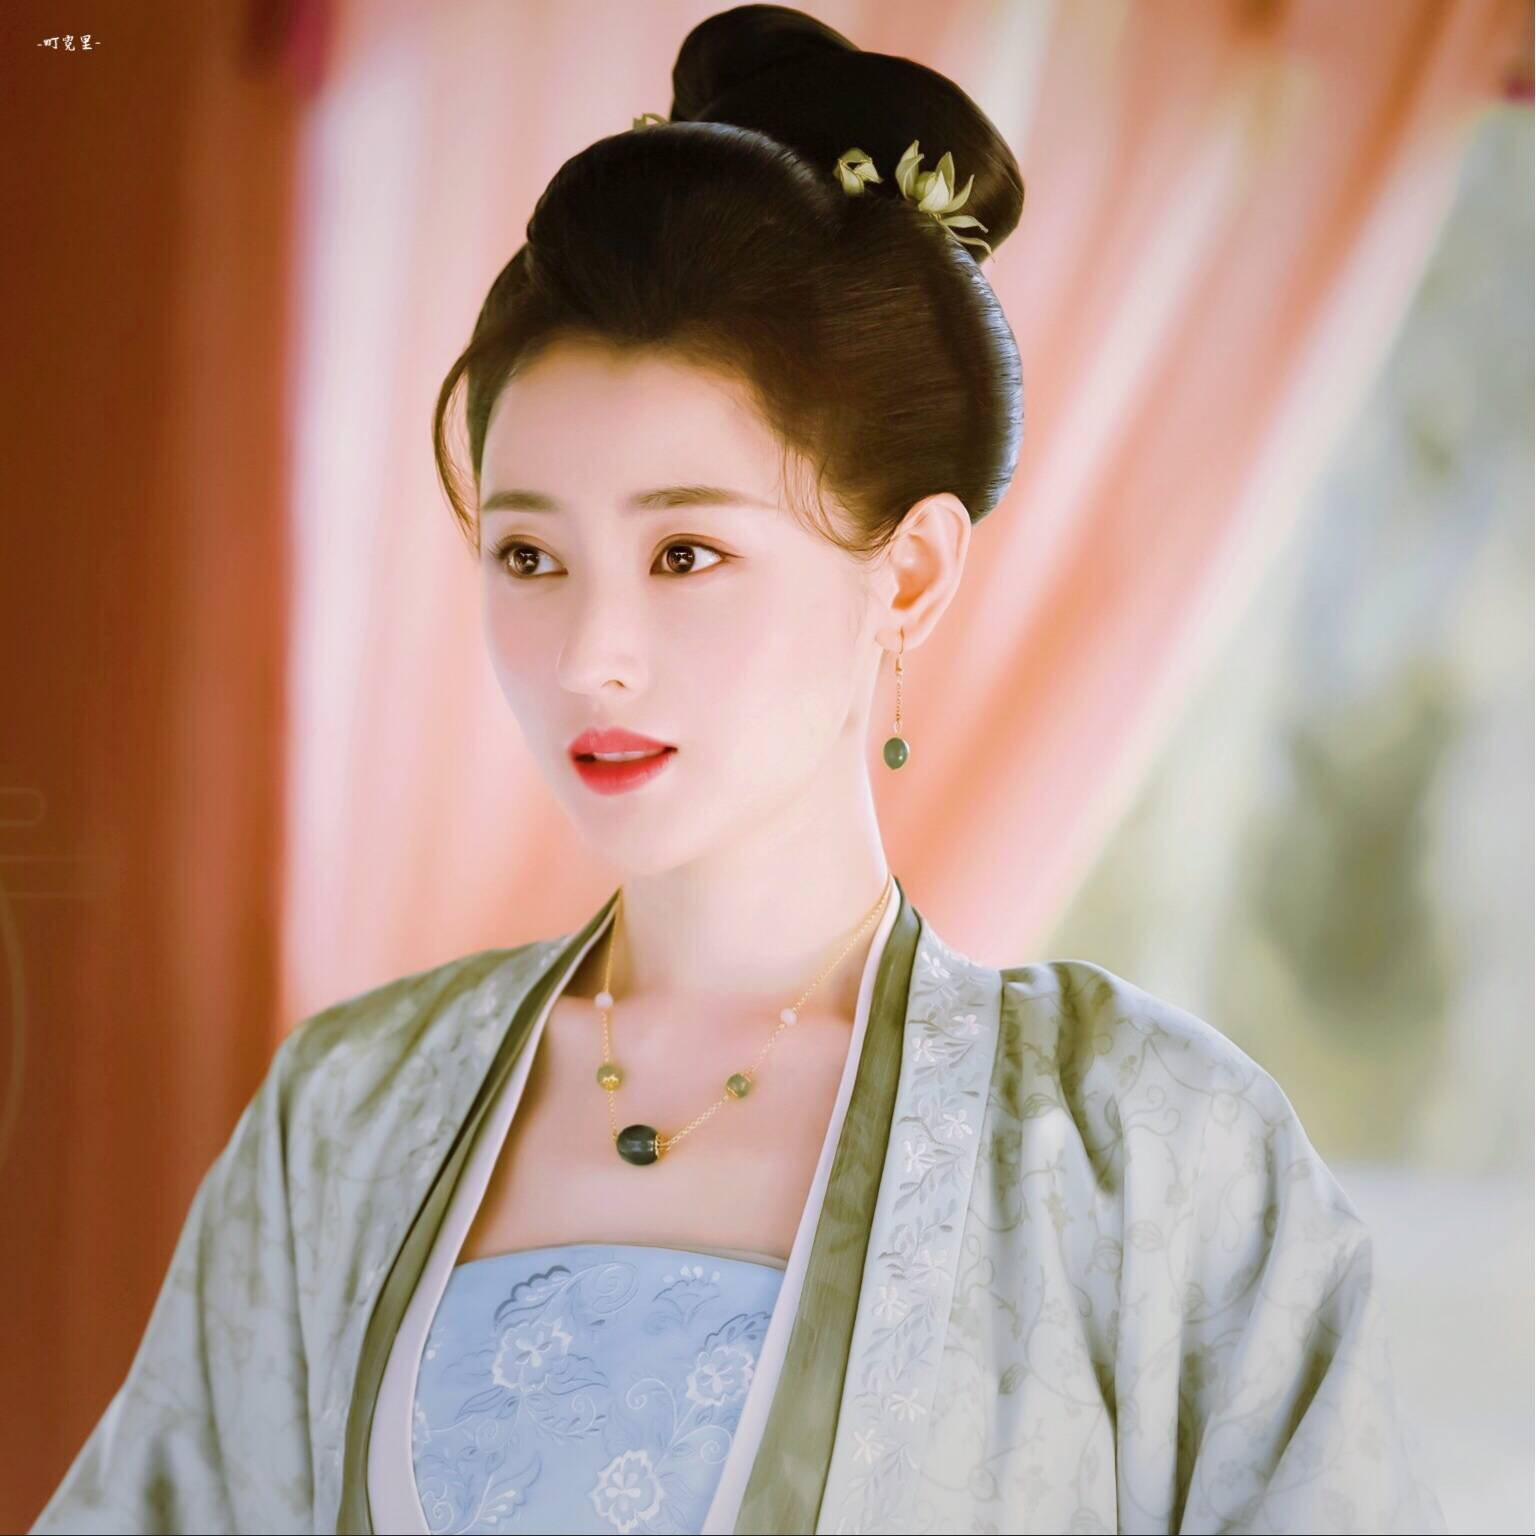 原创张天爱新剧出演配角却清丽温婉,比之前太子妃都要美